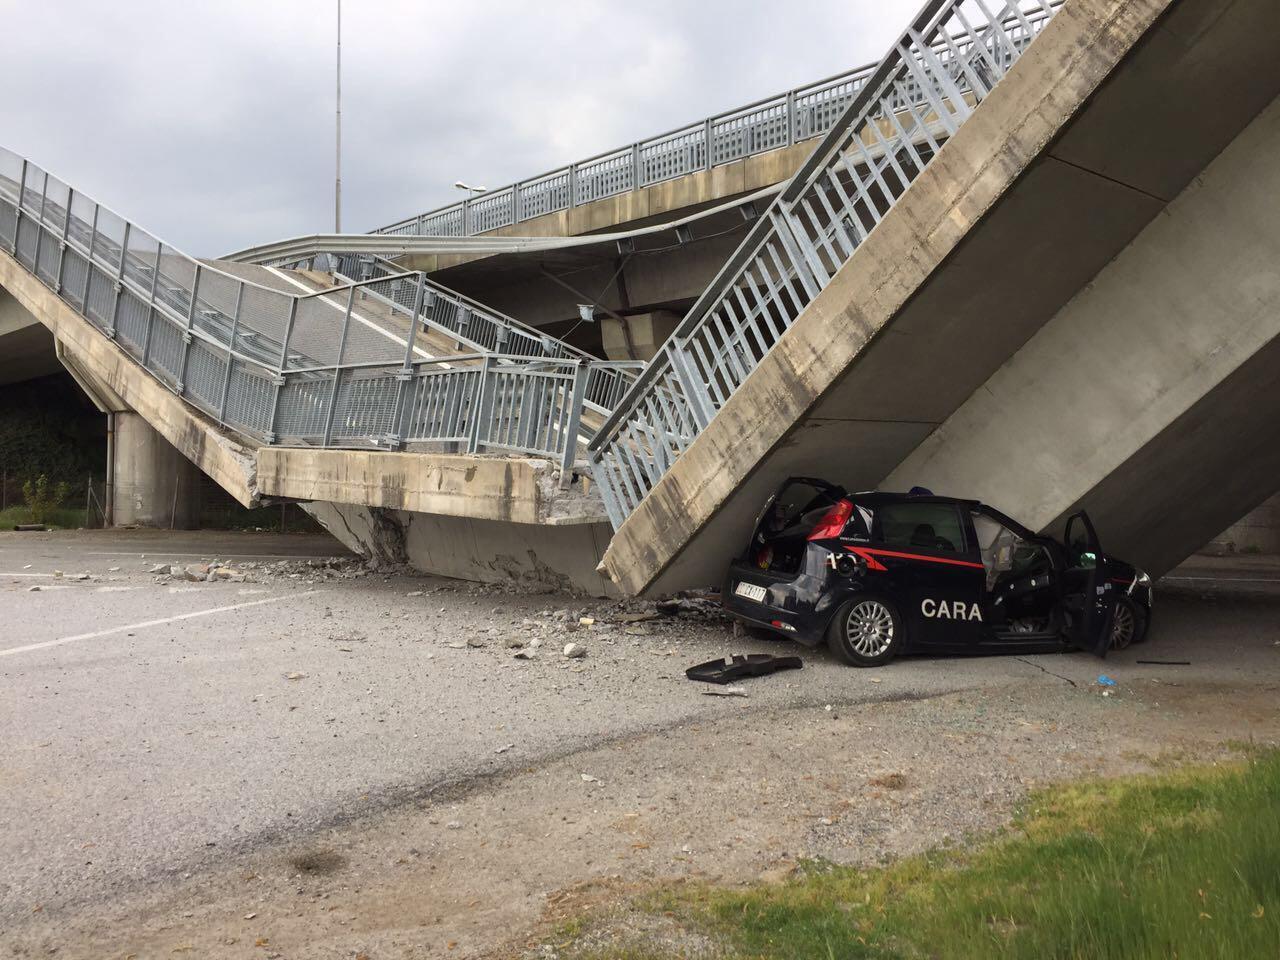 Cavalcavia crolla su auto carabinieri, illesi militari